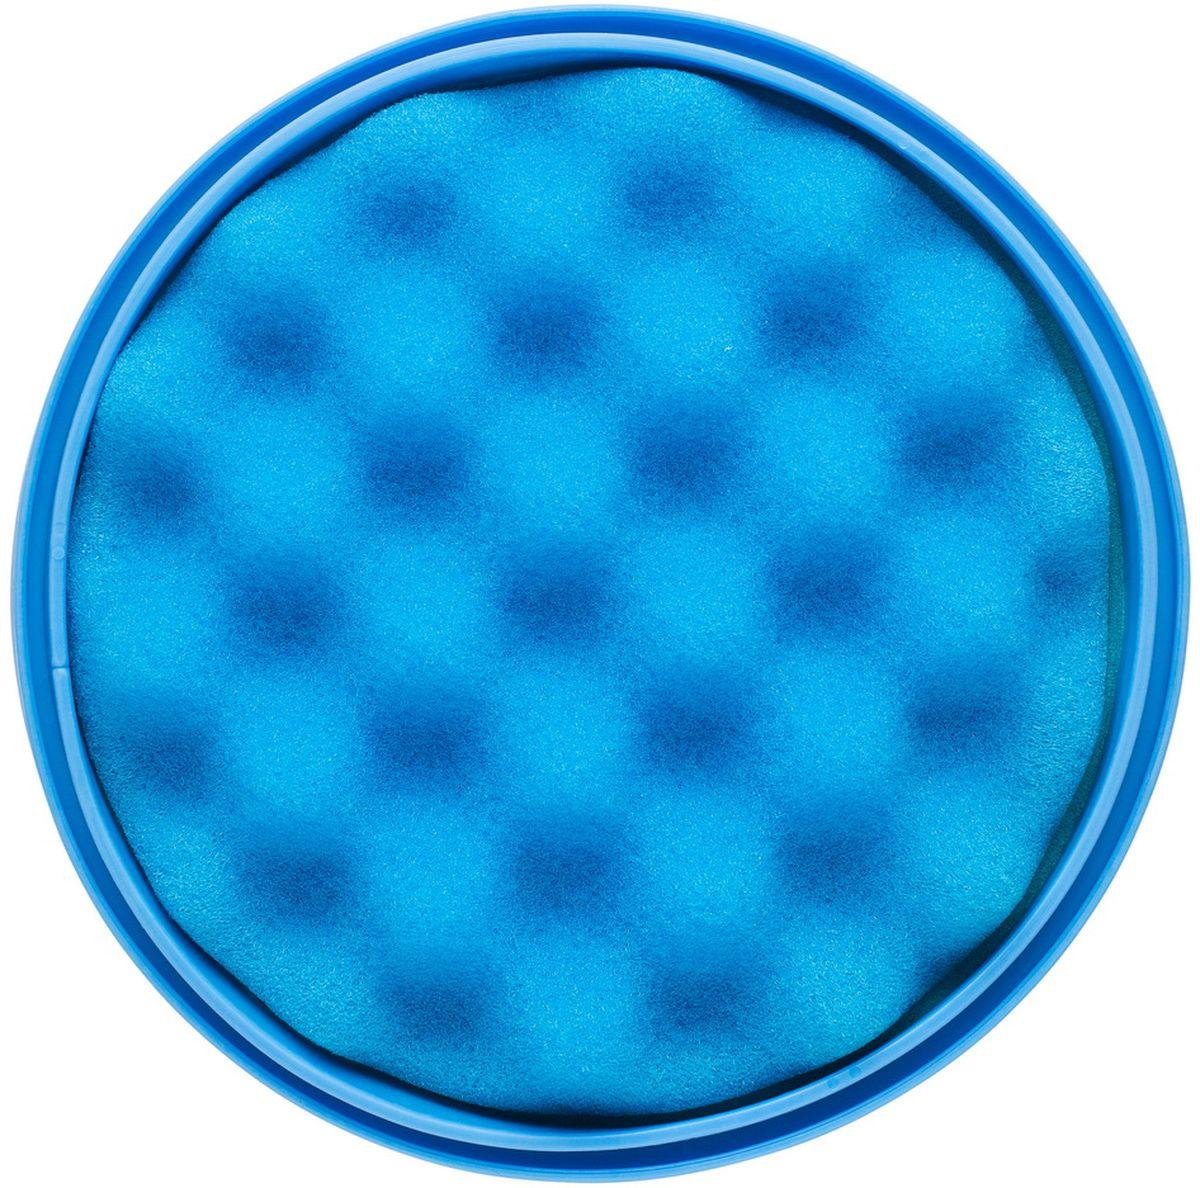 Моторный фильтр Neolux FSM-21 для пылесоса Samsung